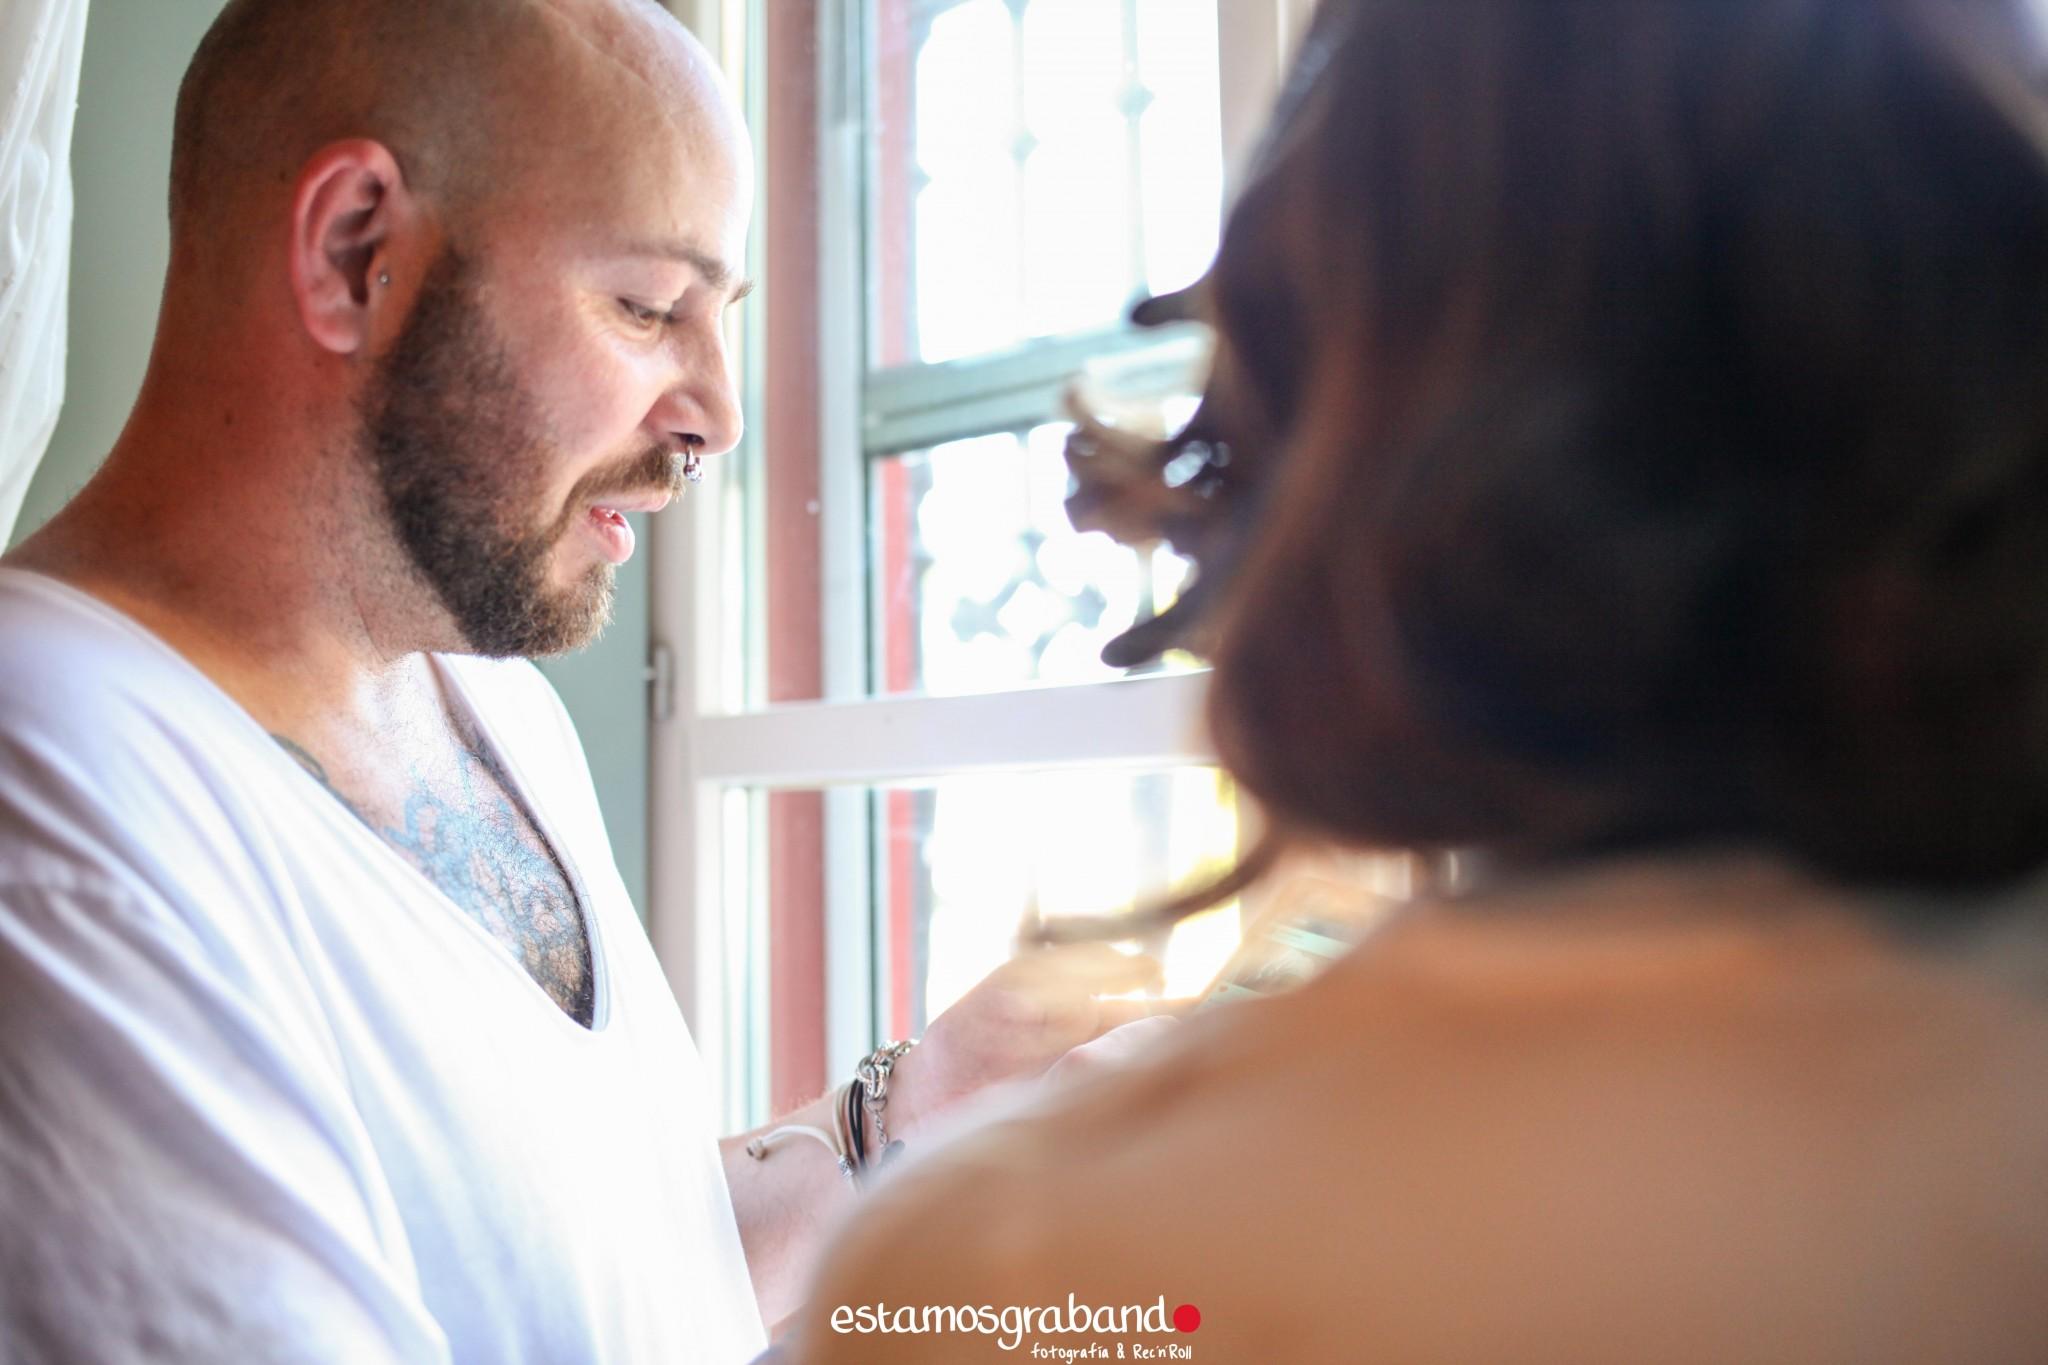 Miguel-Ana-4 Los invitados de Ana & Miguel [Fotografía de Boda_Viña La Carreña, Jerez] - video boda cadiz